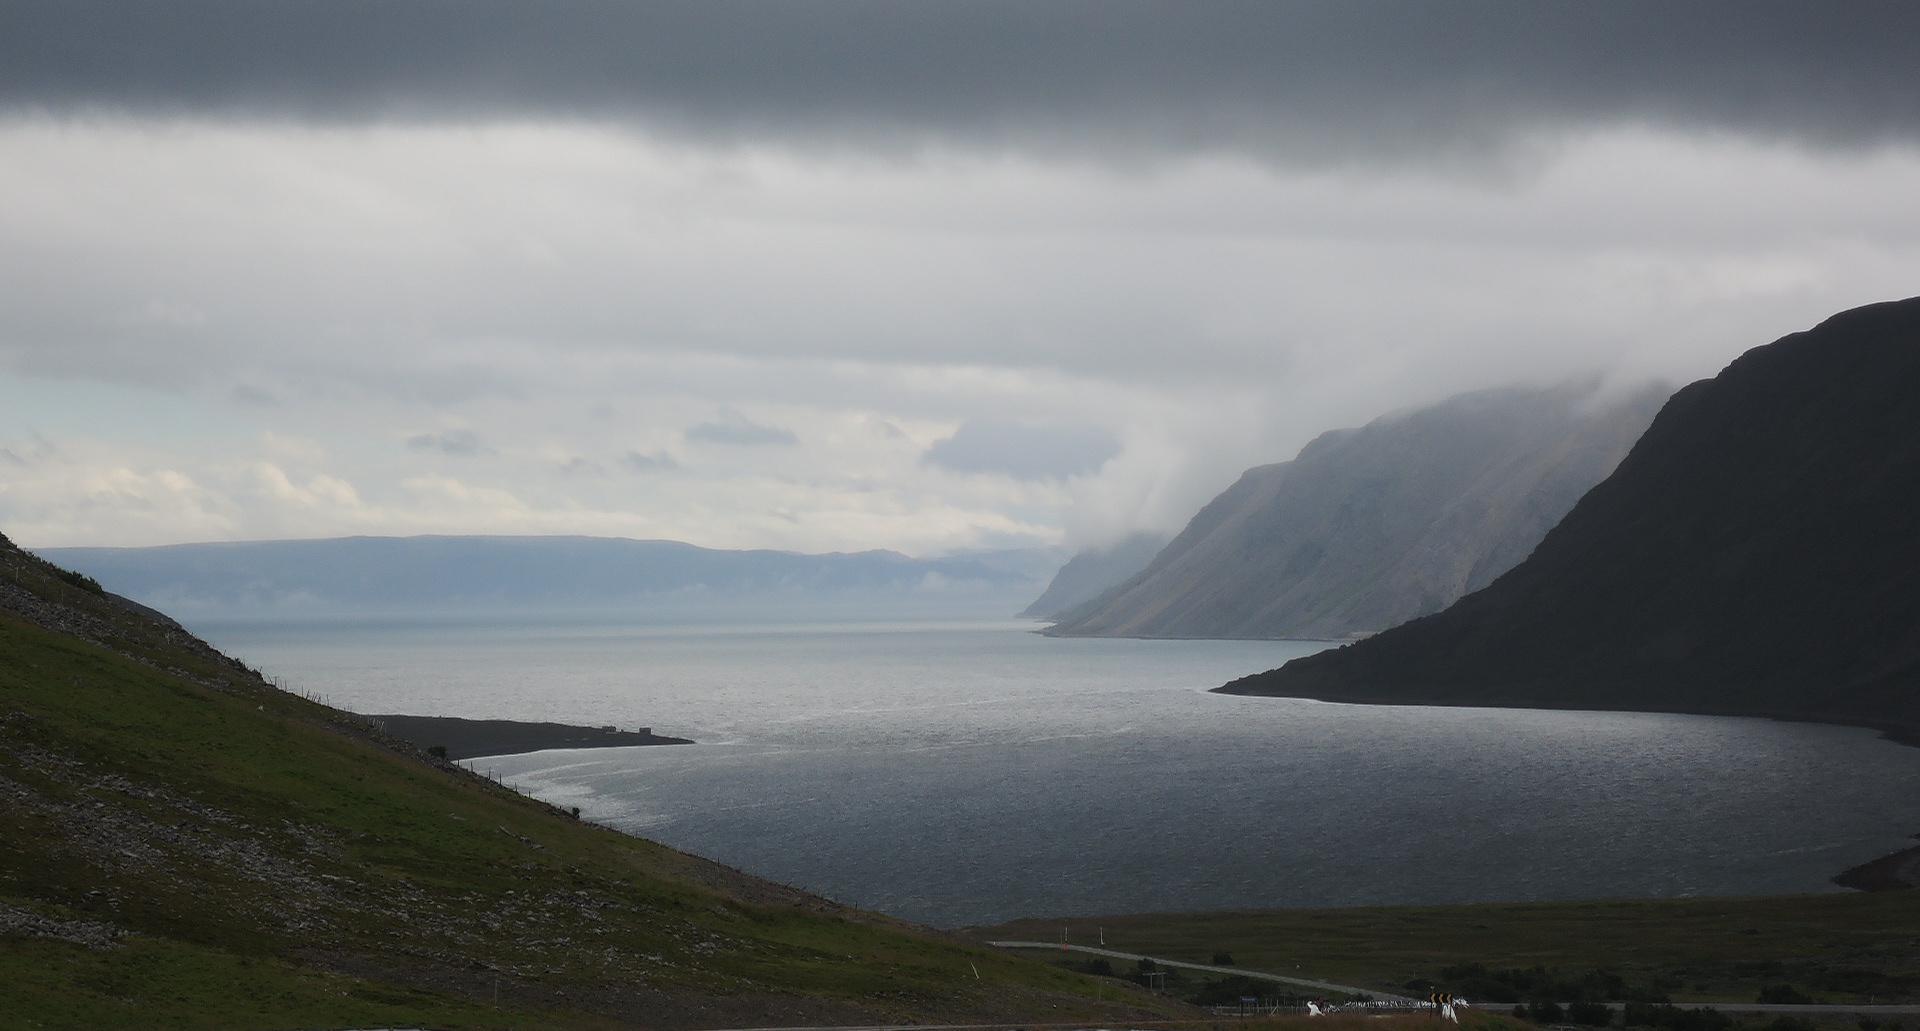 El día se pone feo y los fiordos se vuelven interesantes y tétricos